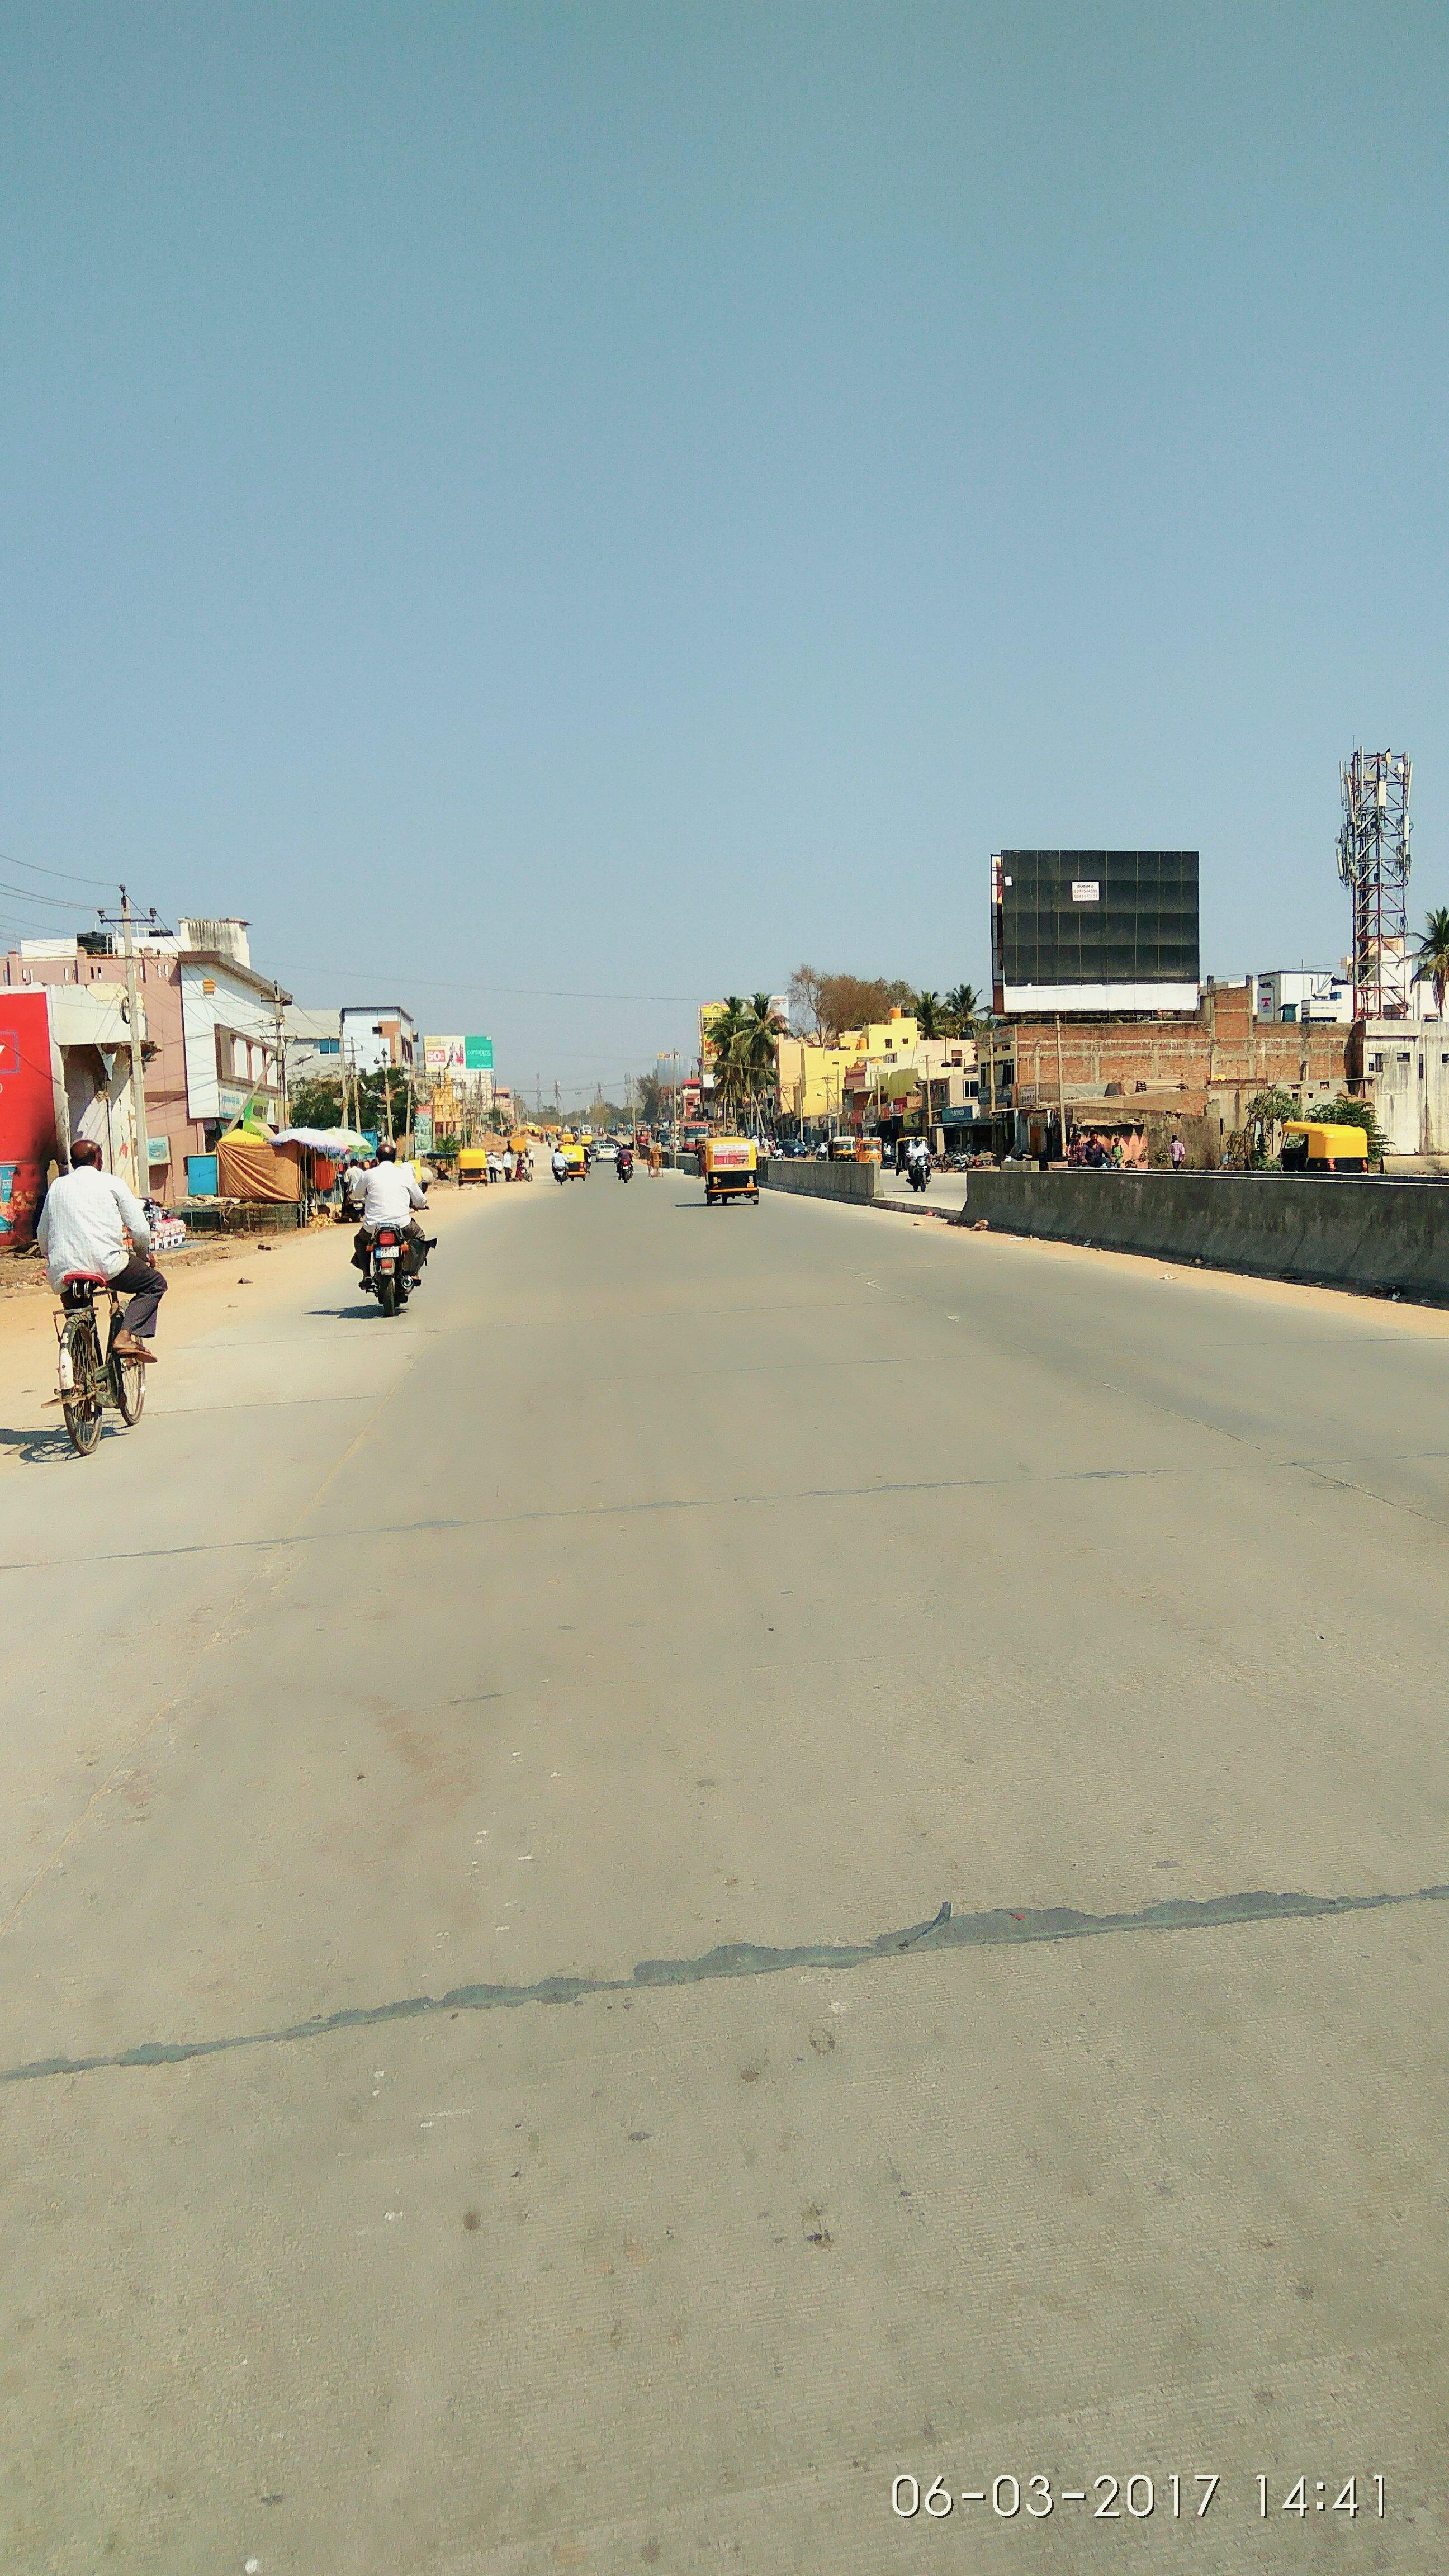 Opp. BSNL Office P.B. Rd, Davanagere